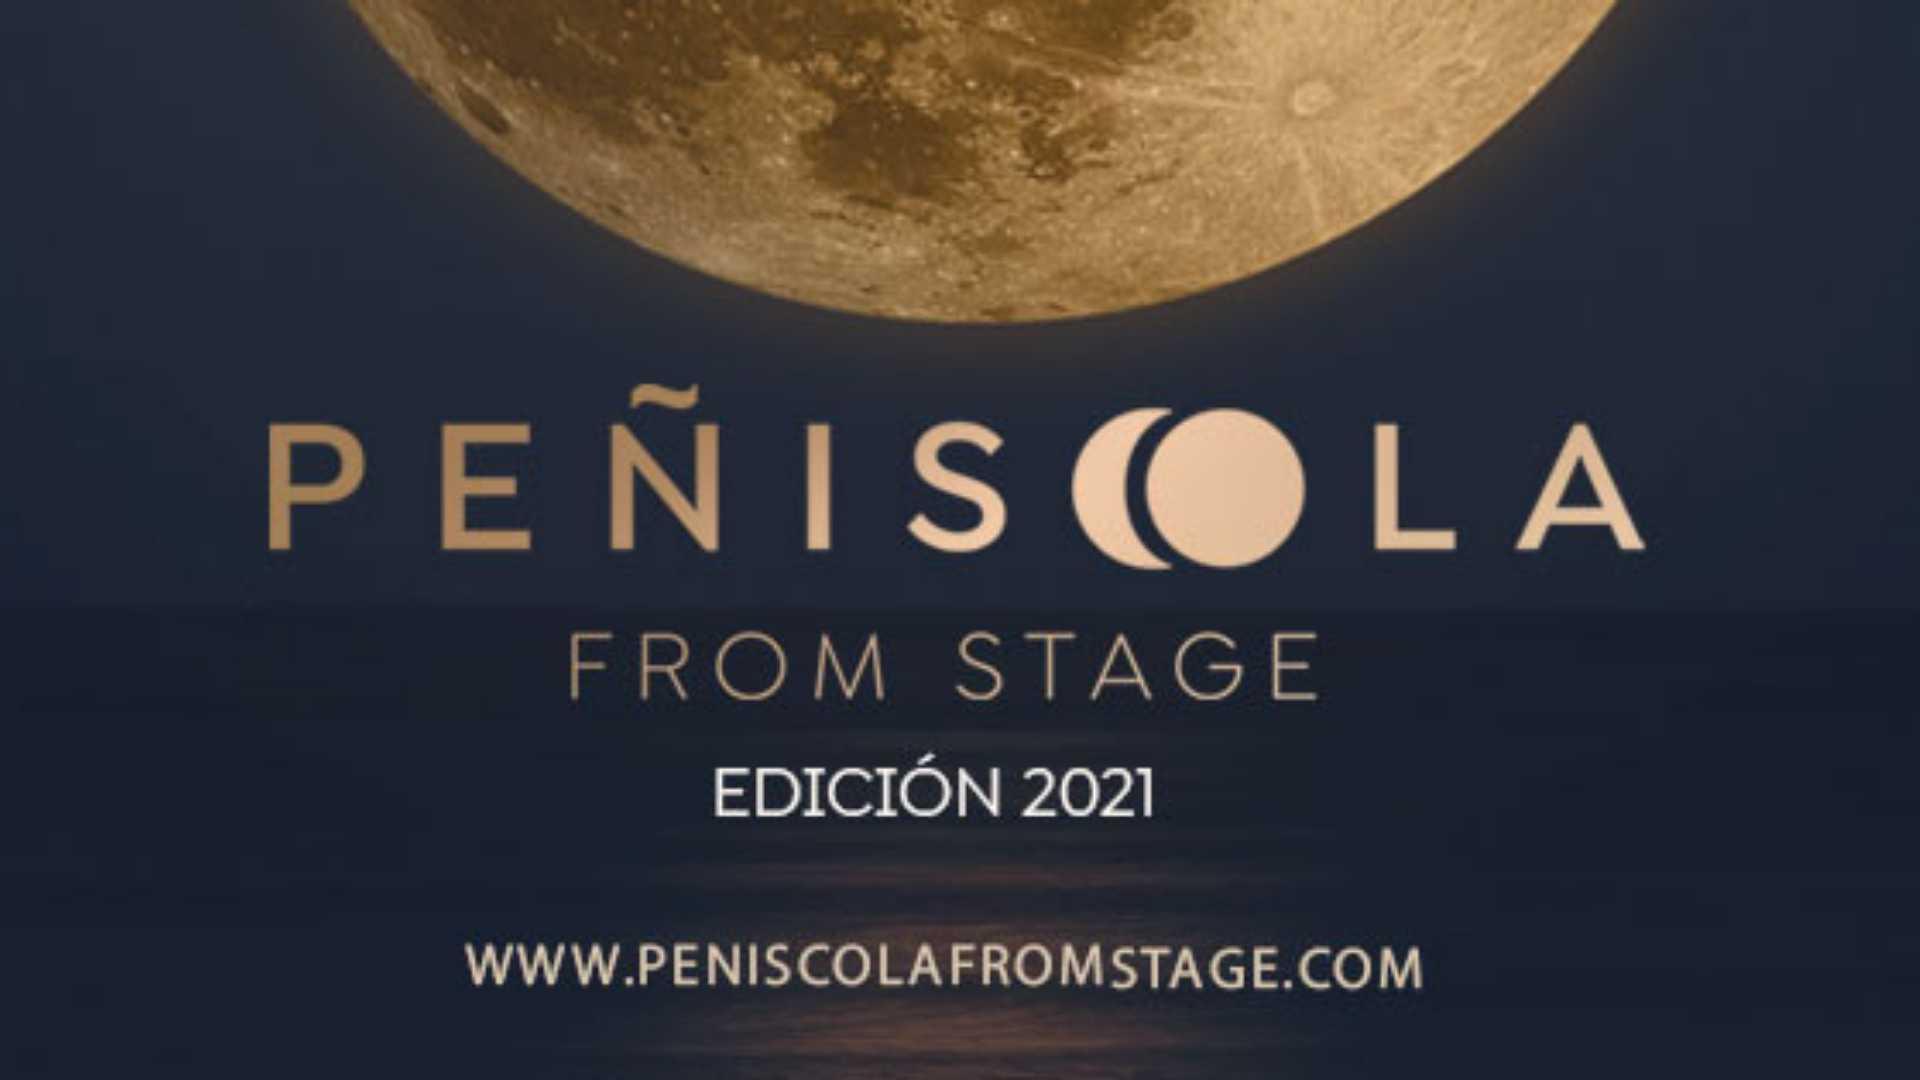 peñiscola events